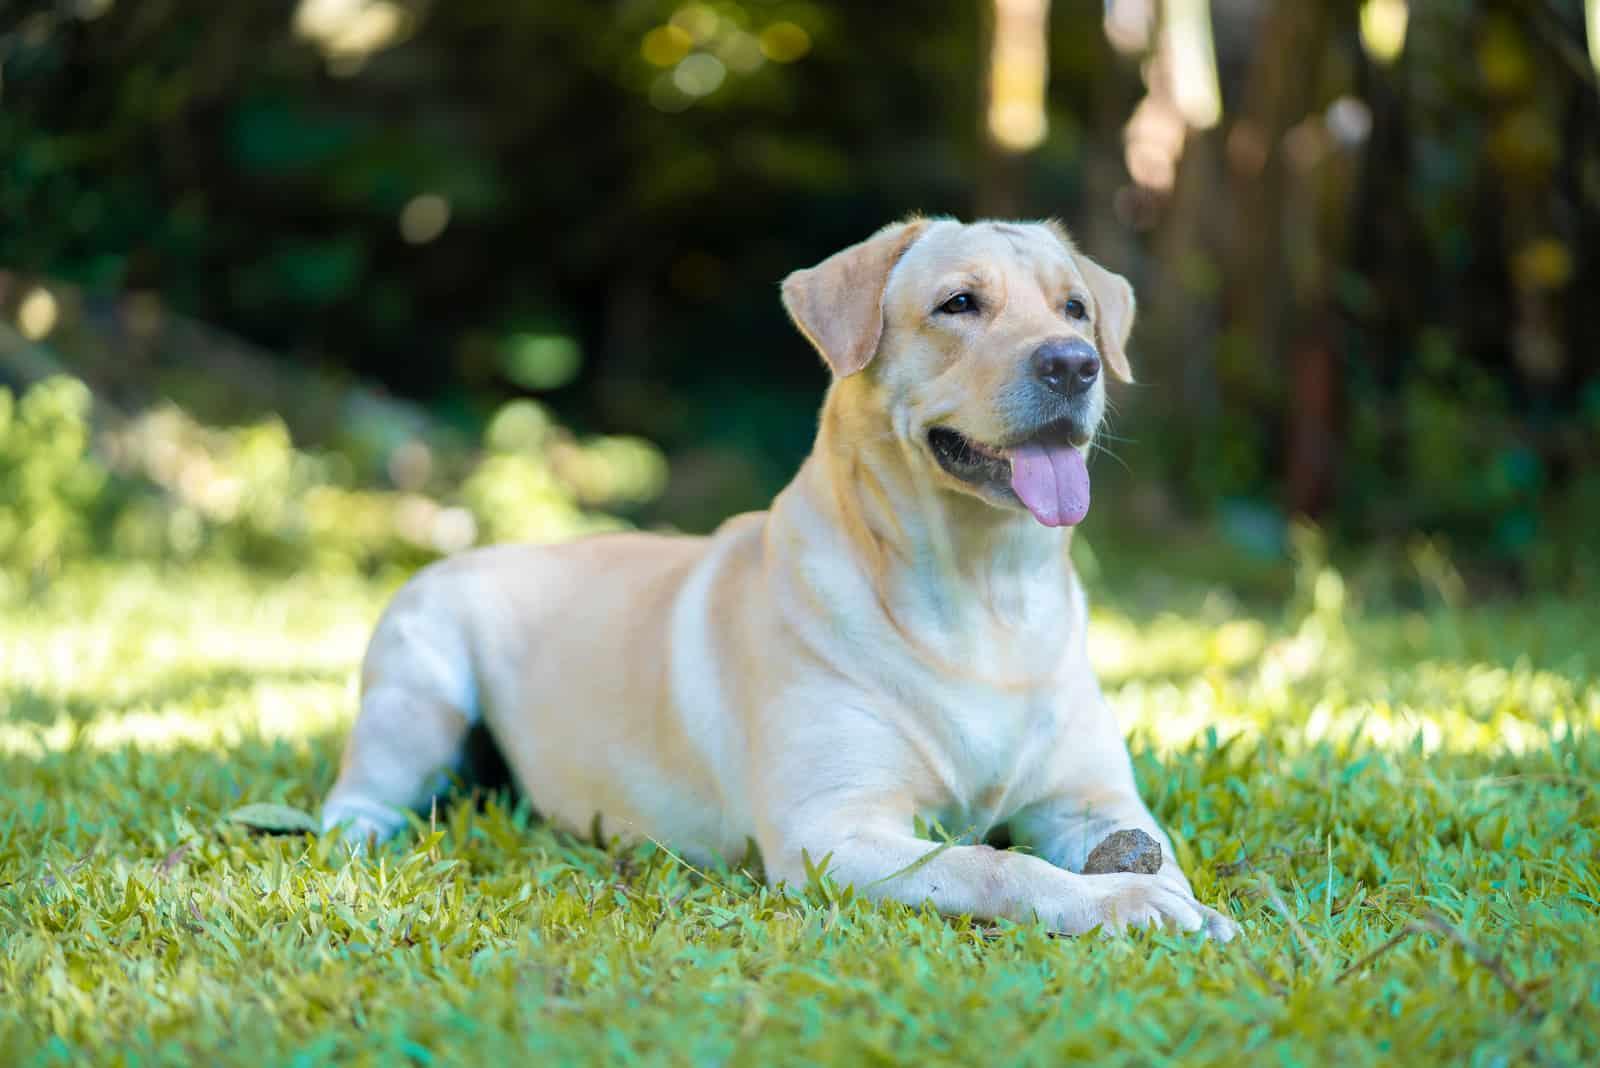 Ein wunderschöner Labrador Retriever ruht sich im Park aus